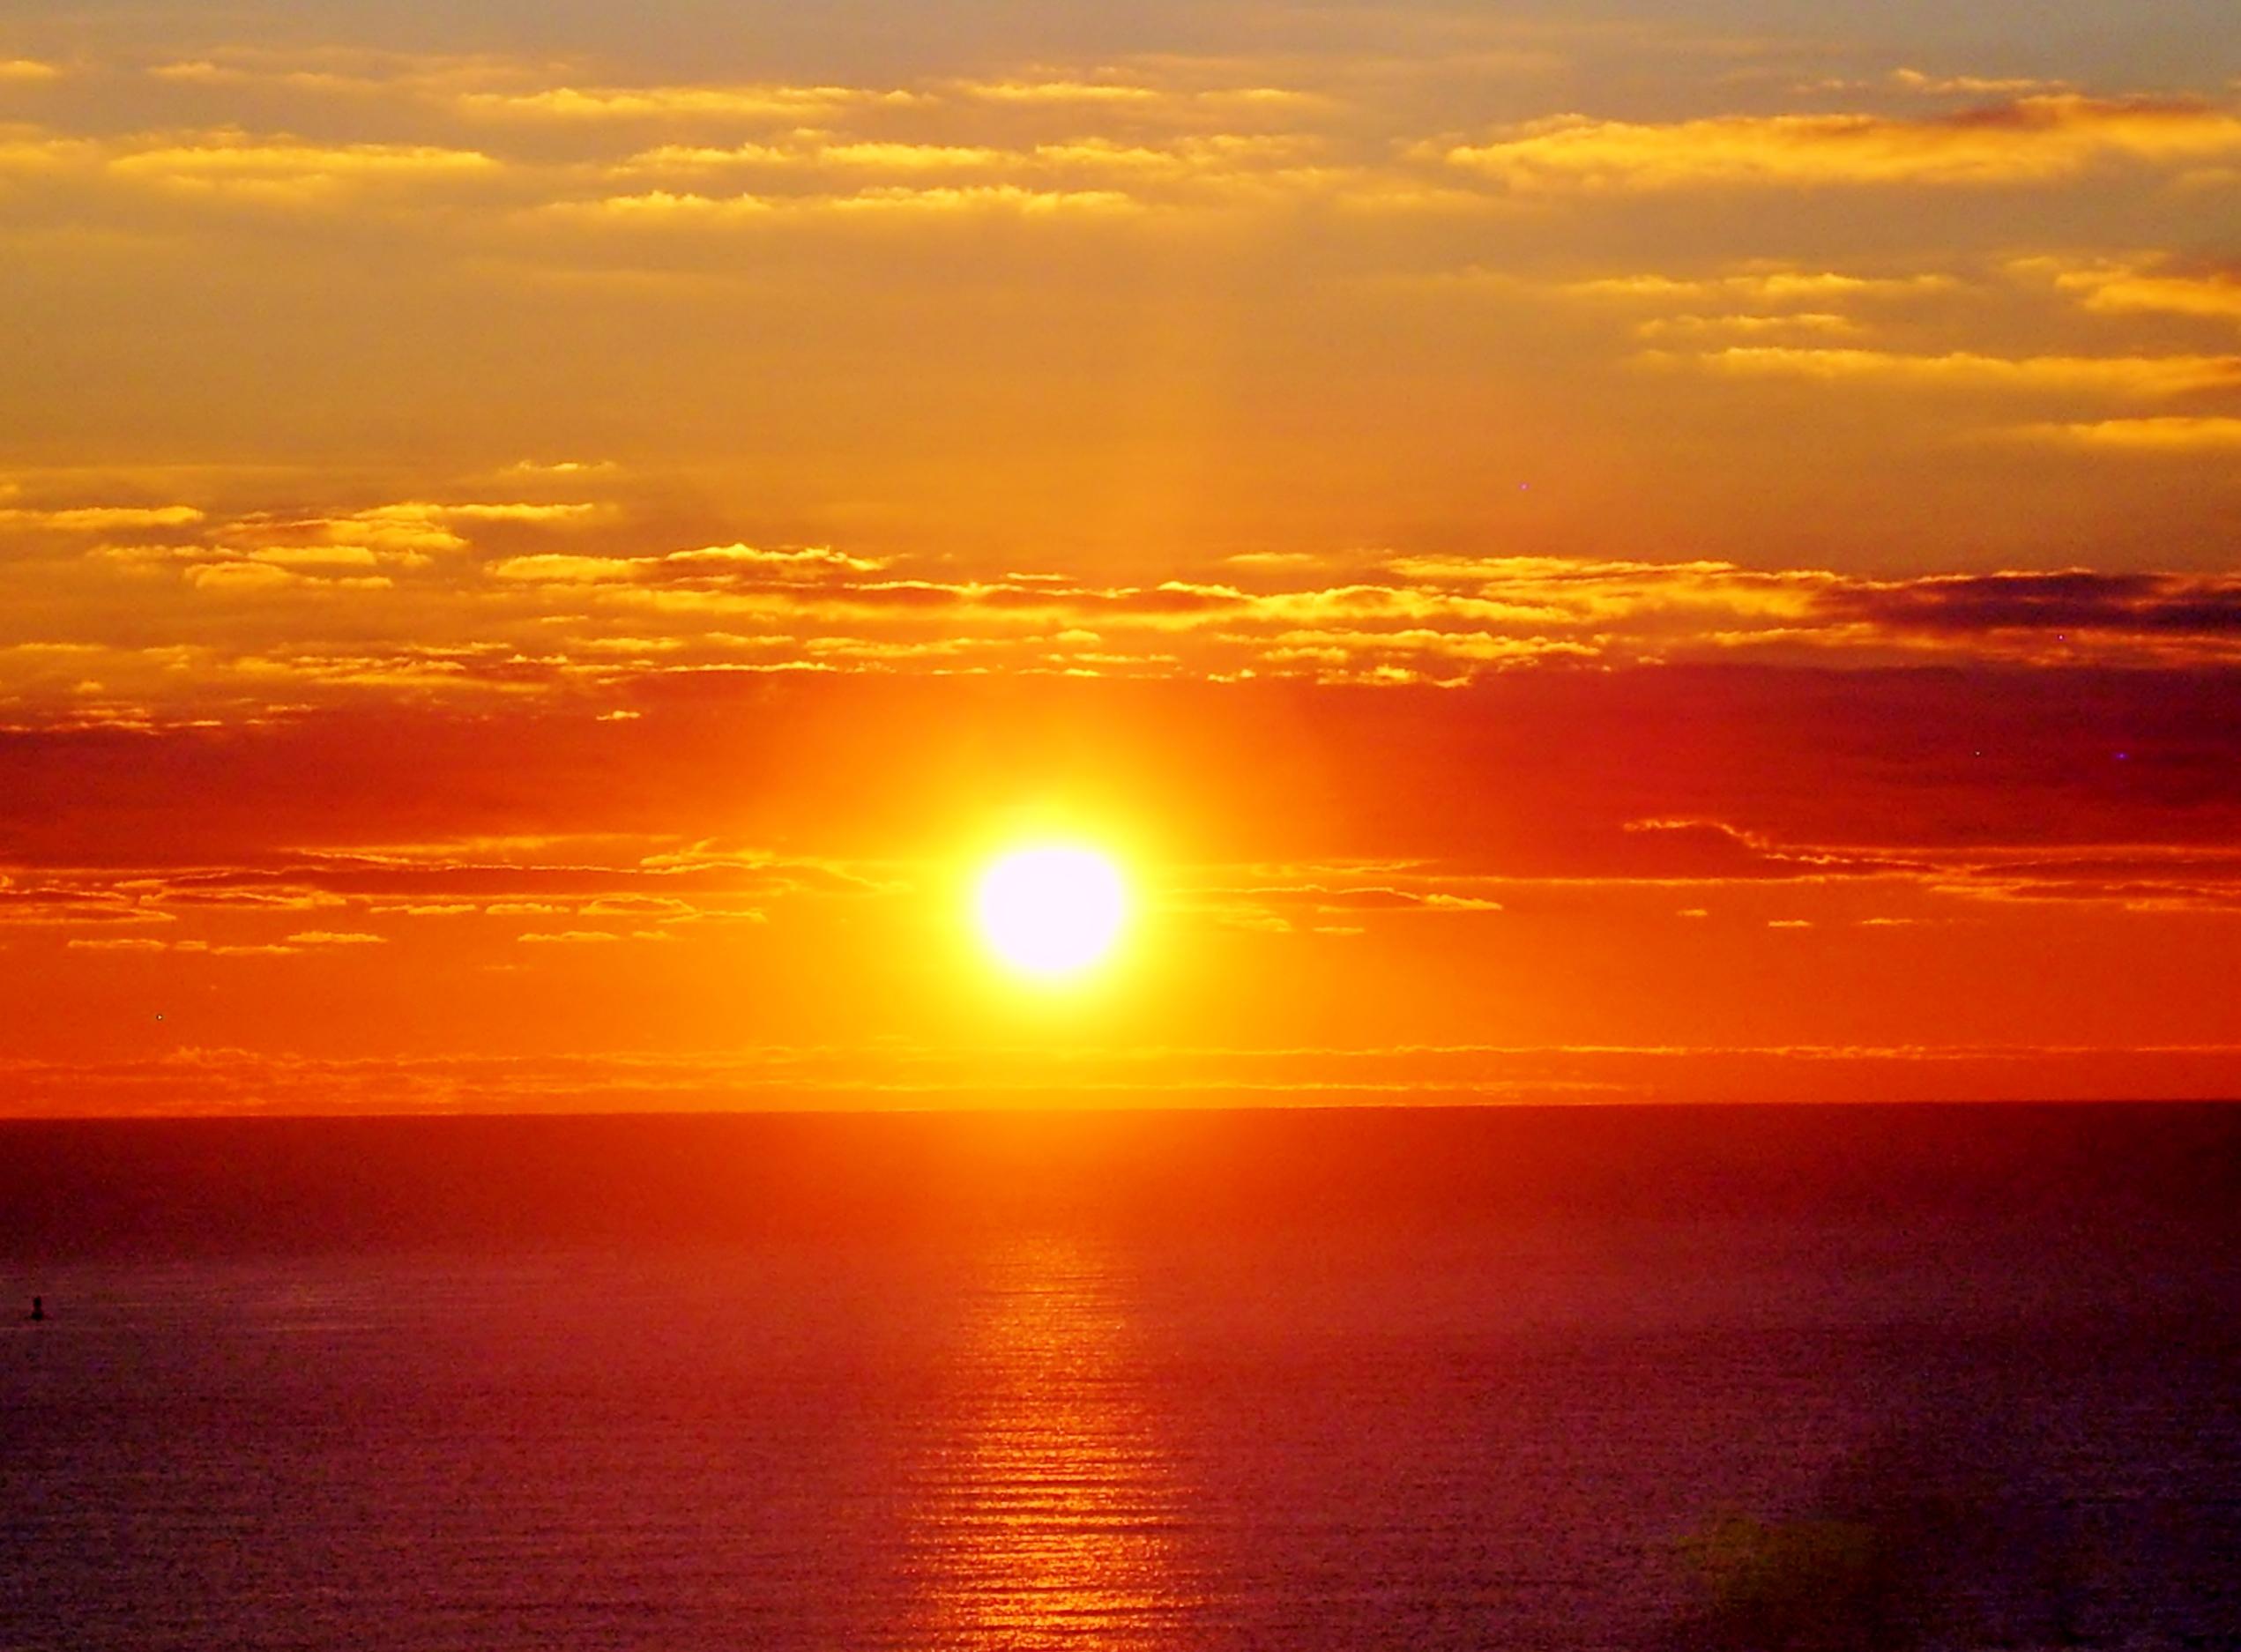 sunrise hospi sunrise hospital - HD2542×1874